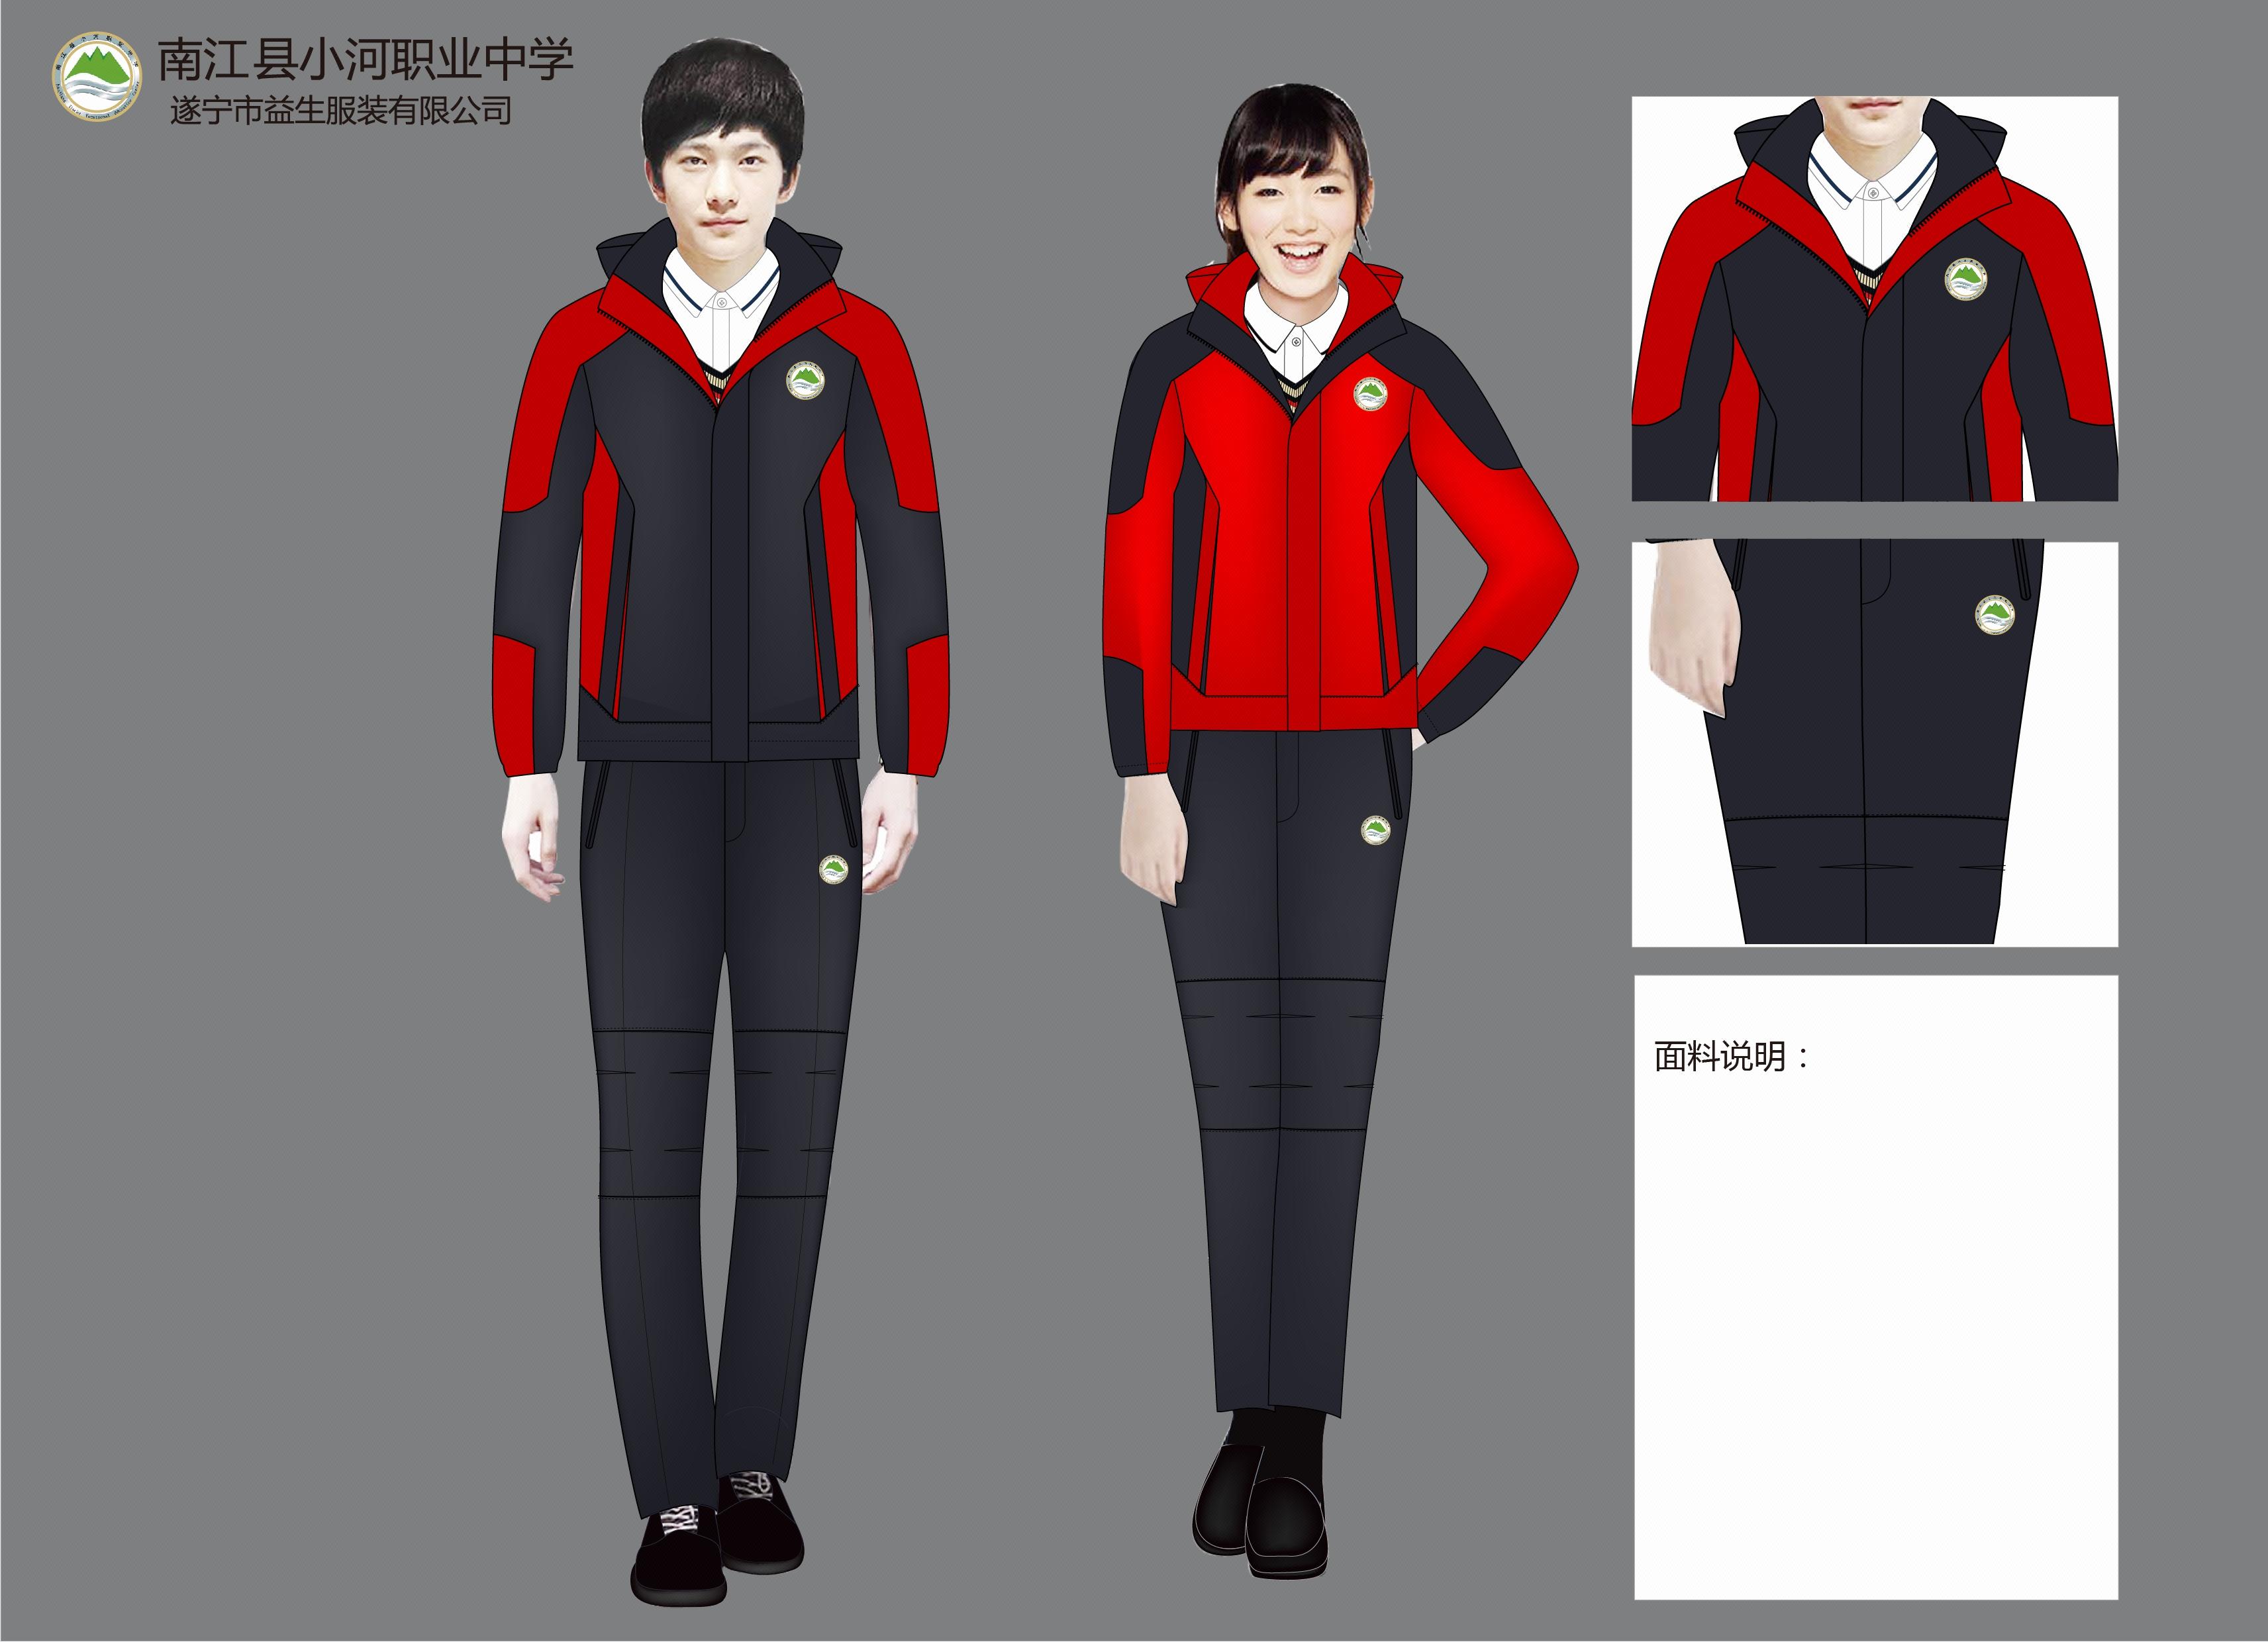 校服设计男学校制服设计幼儿校服设计教师校服英伦风男装设计工作